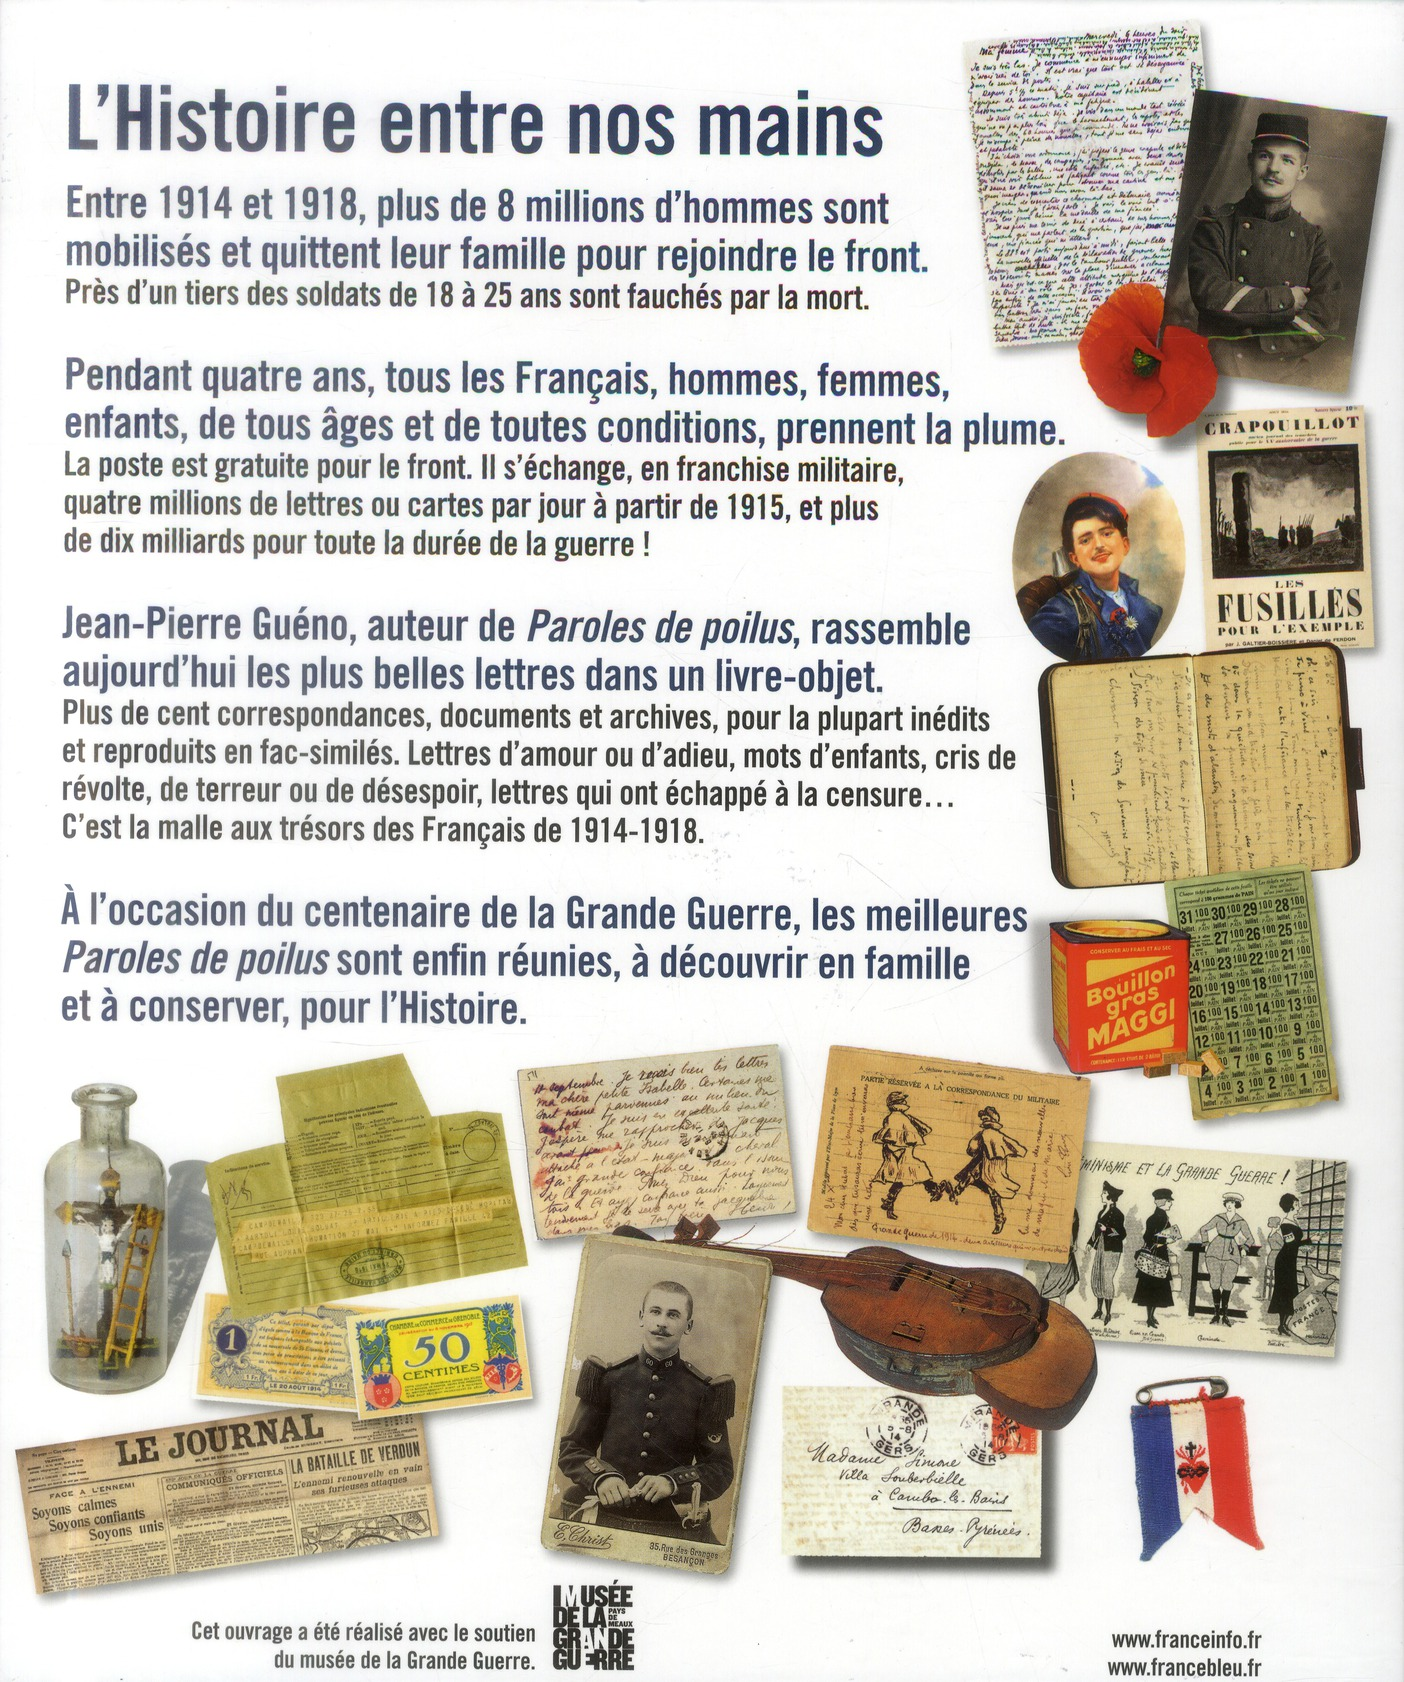 Les poilus ; lettres et témoignages des Français dans la Grande Guerre (1914-1918)